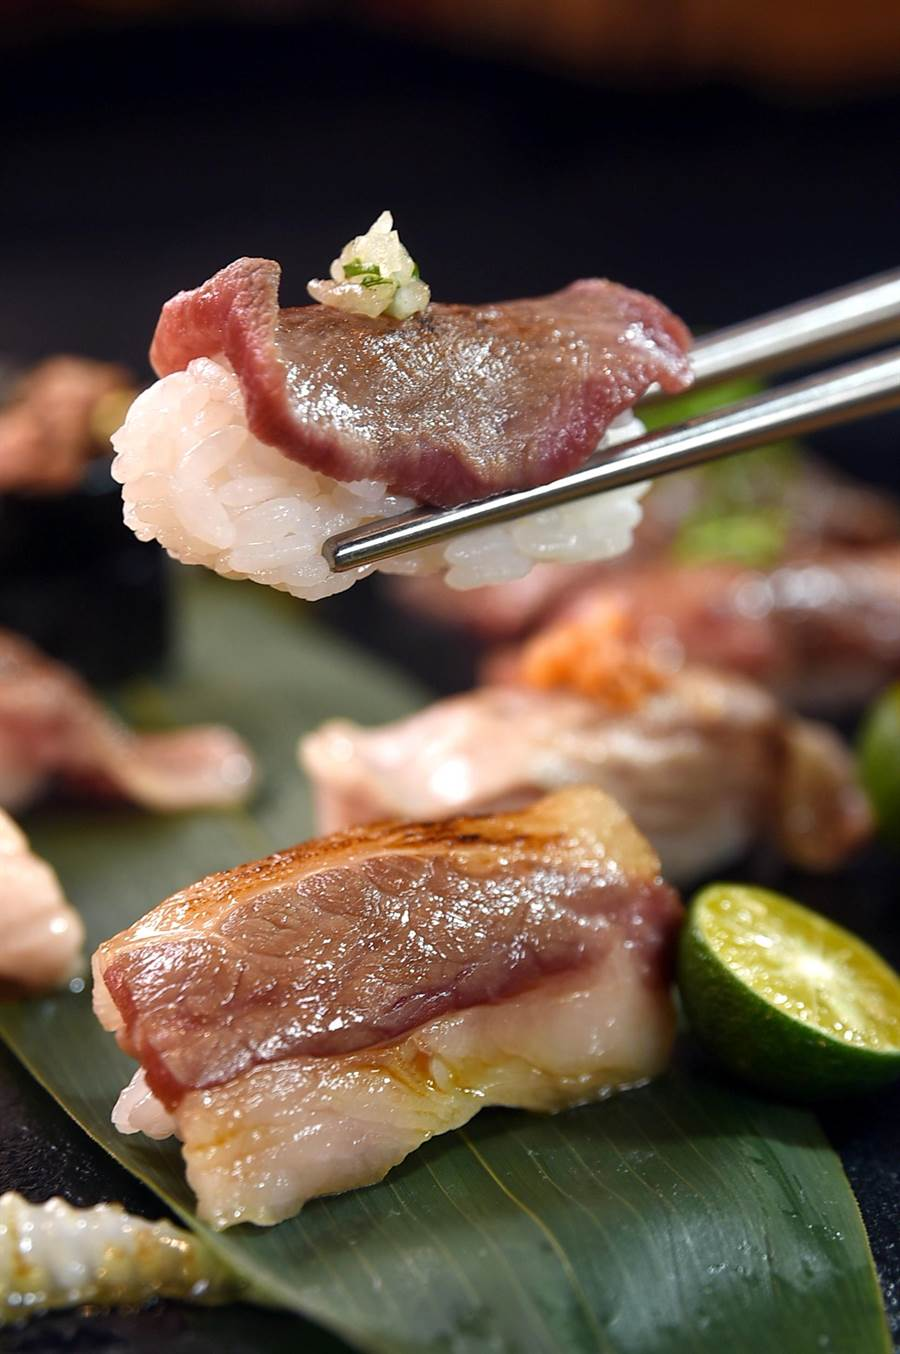 〈鐵火燒肉〉的〈炙烤牛舌握壽司〉,可以吃出牛舌彈牙的口感。(圖/姚舜)